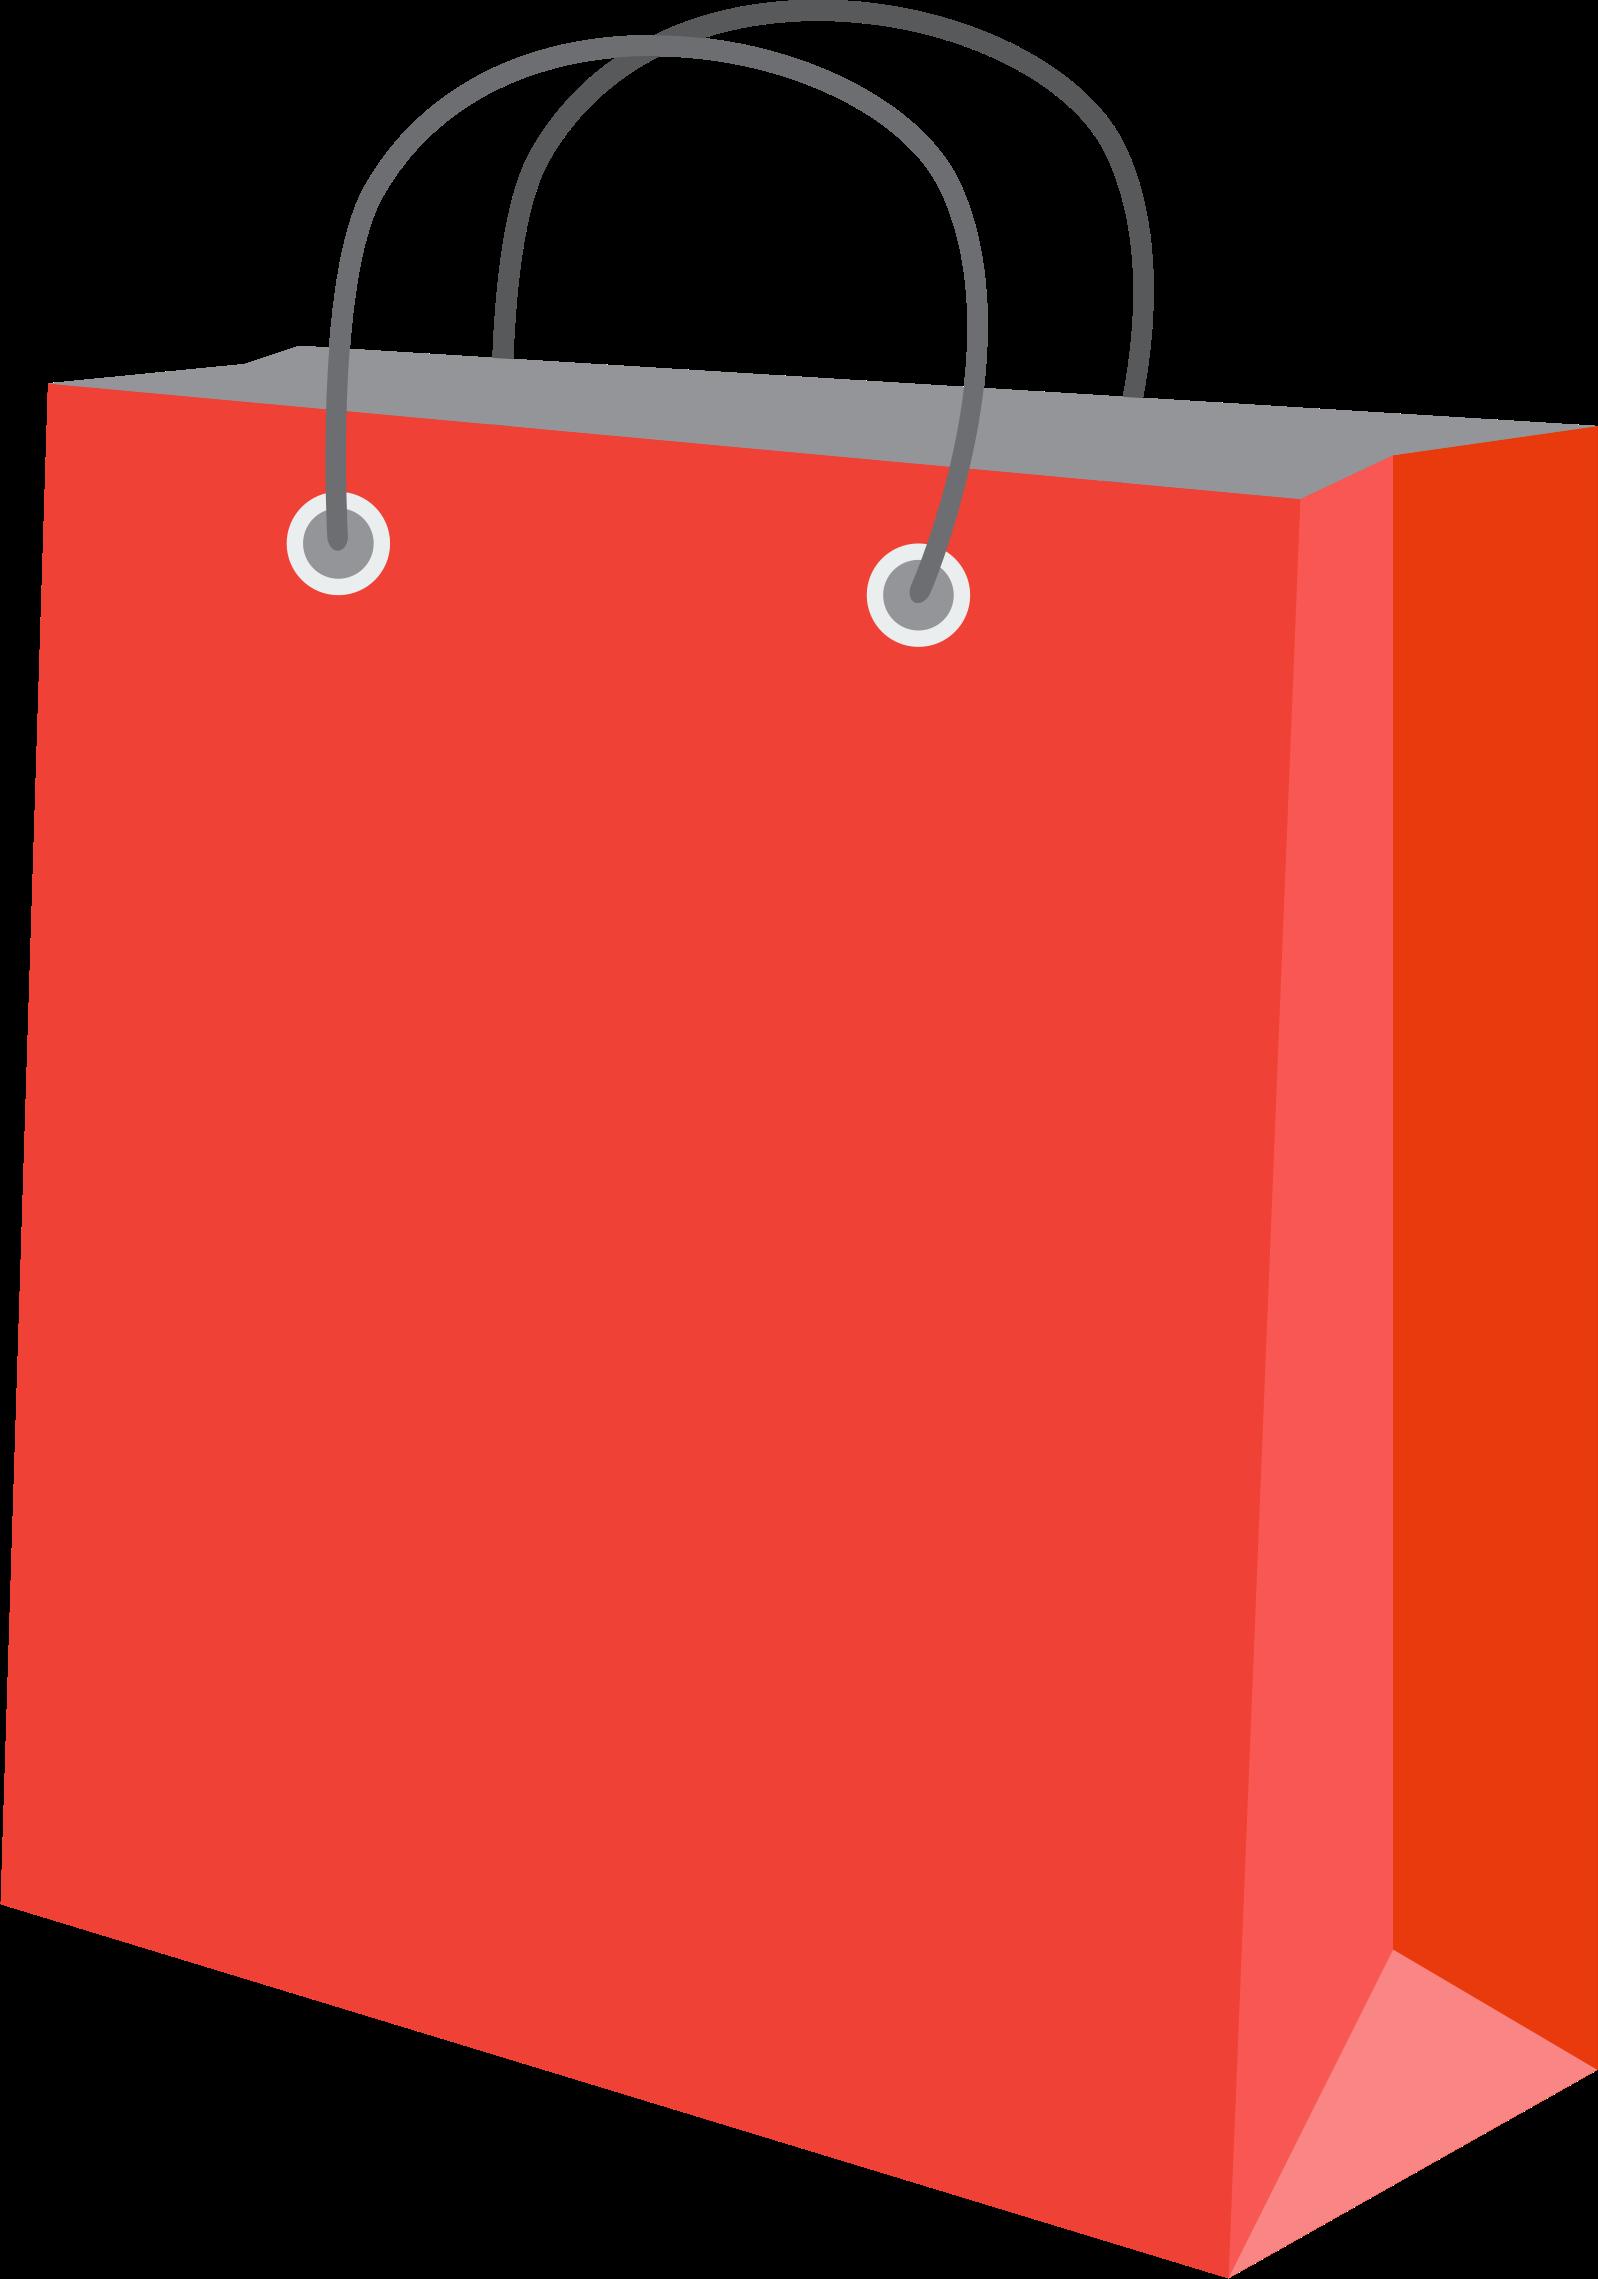 Paper Bag Clipart & Paper Bag Clip Art Images.